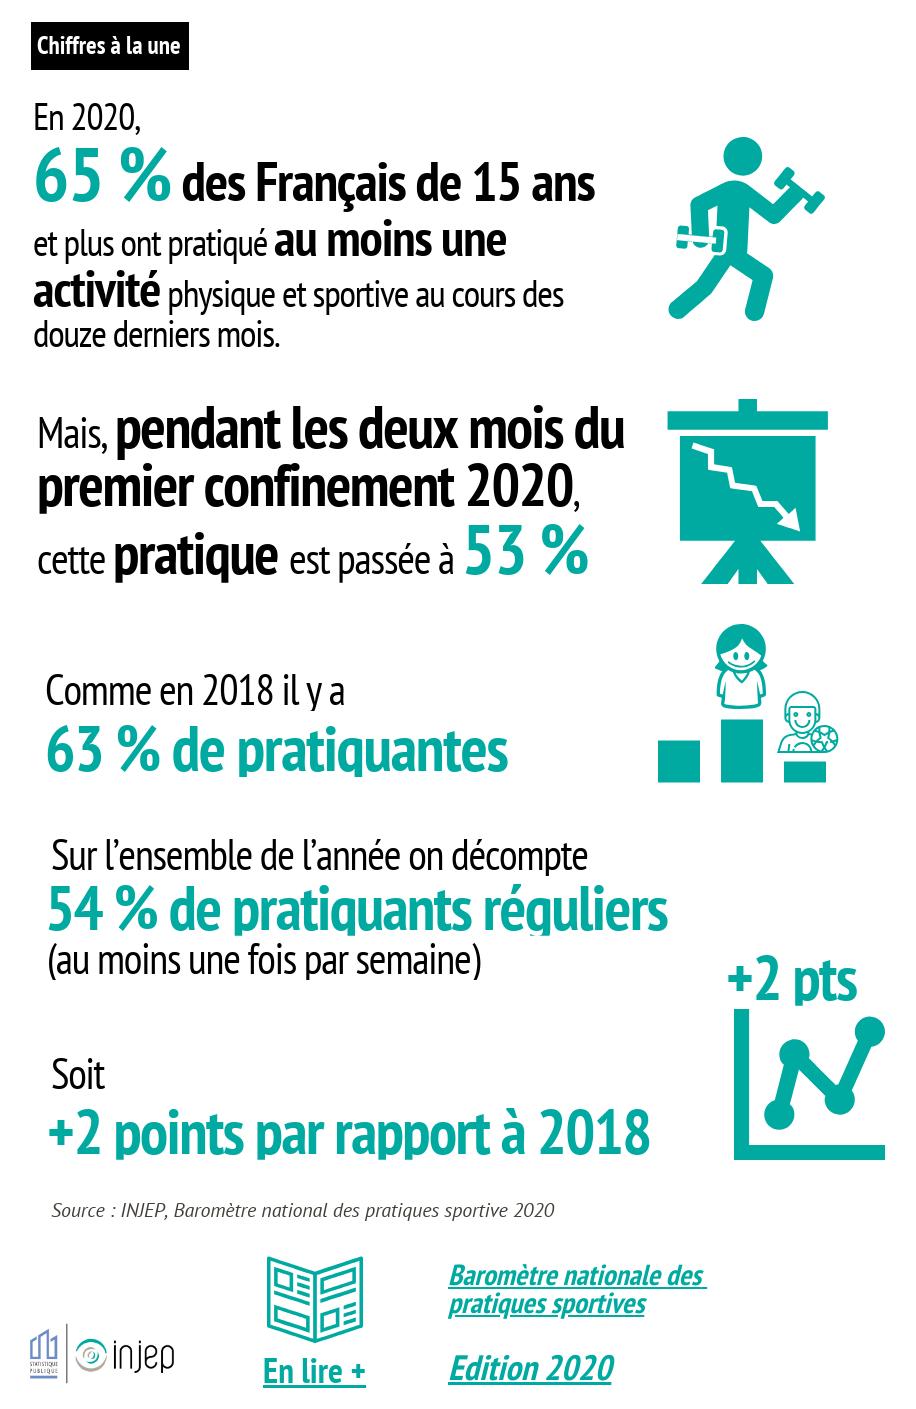 En 2020,  65 % des Français de 15 ans et plus ont pratiqué au moins une activité physique et sportive au cours des douze derniers mois